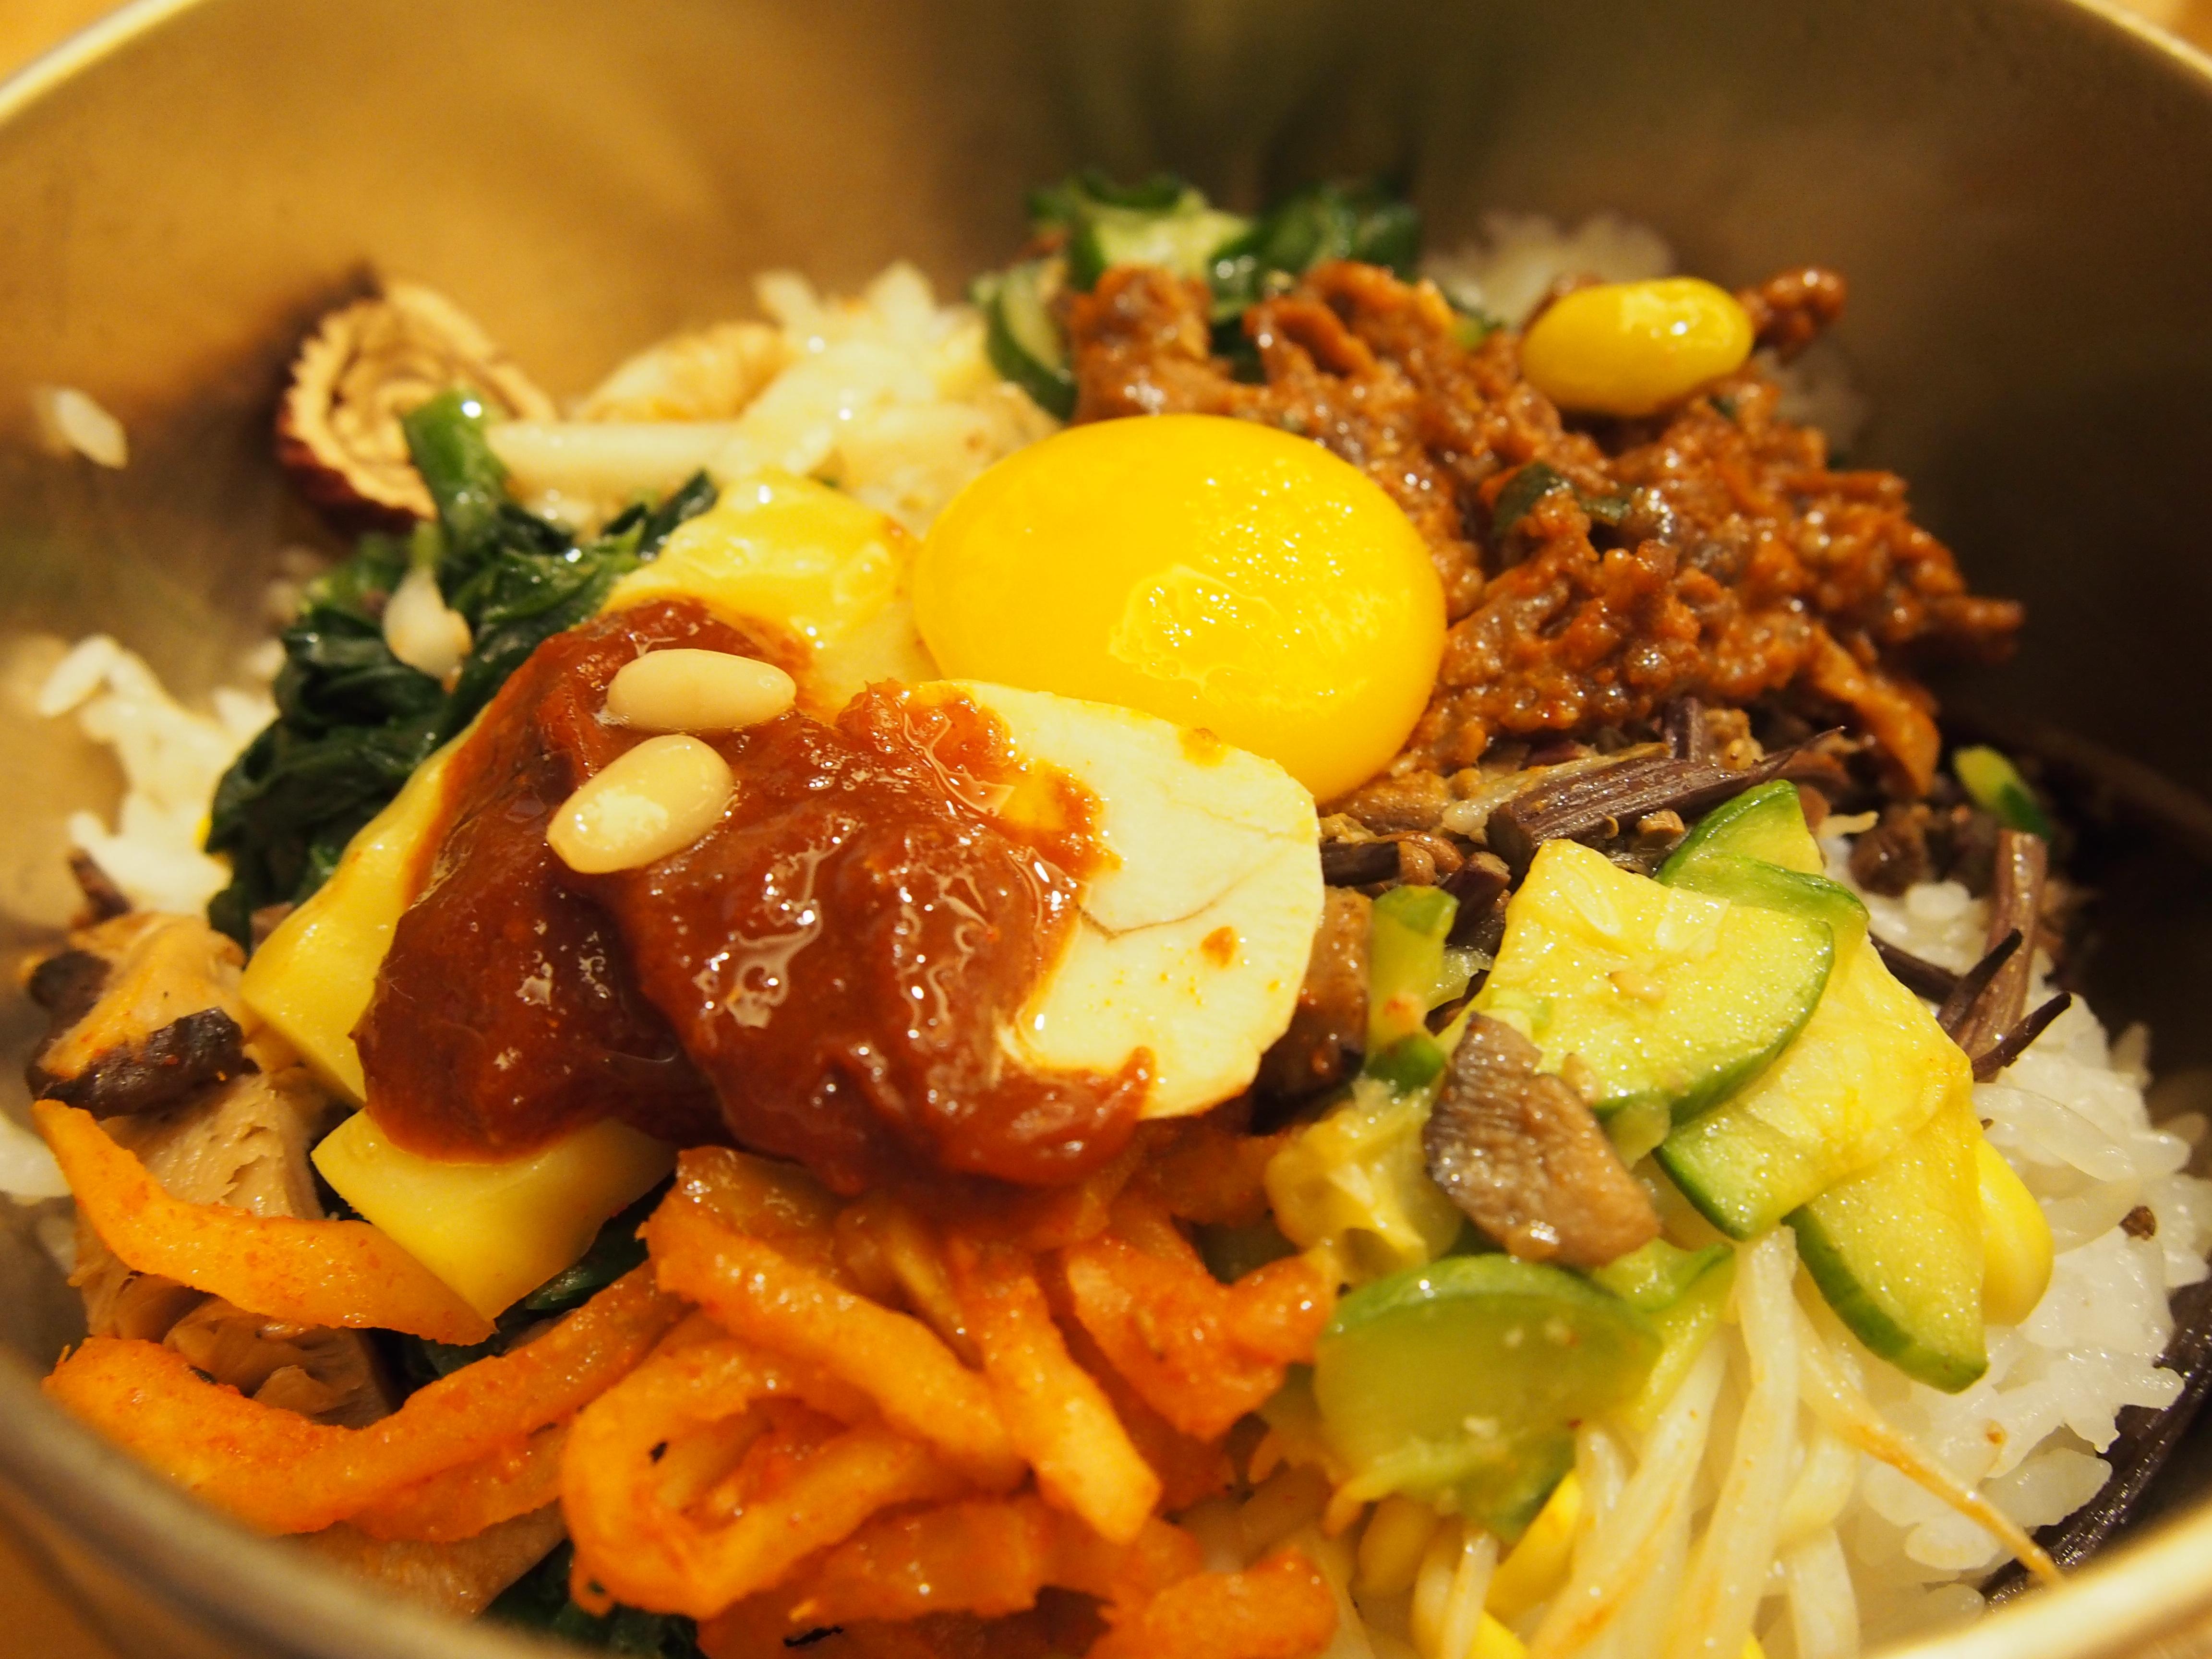 【韓国旅行④】ビビンバ発祥の地「全州」で、本場のビビンバを食べる